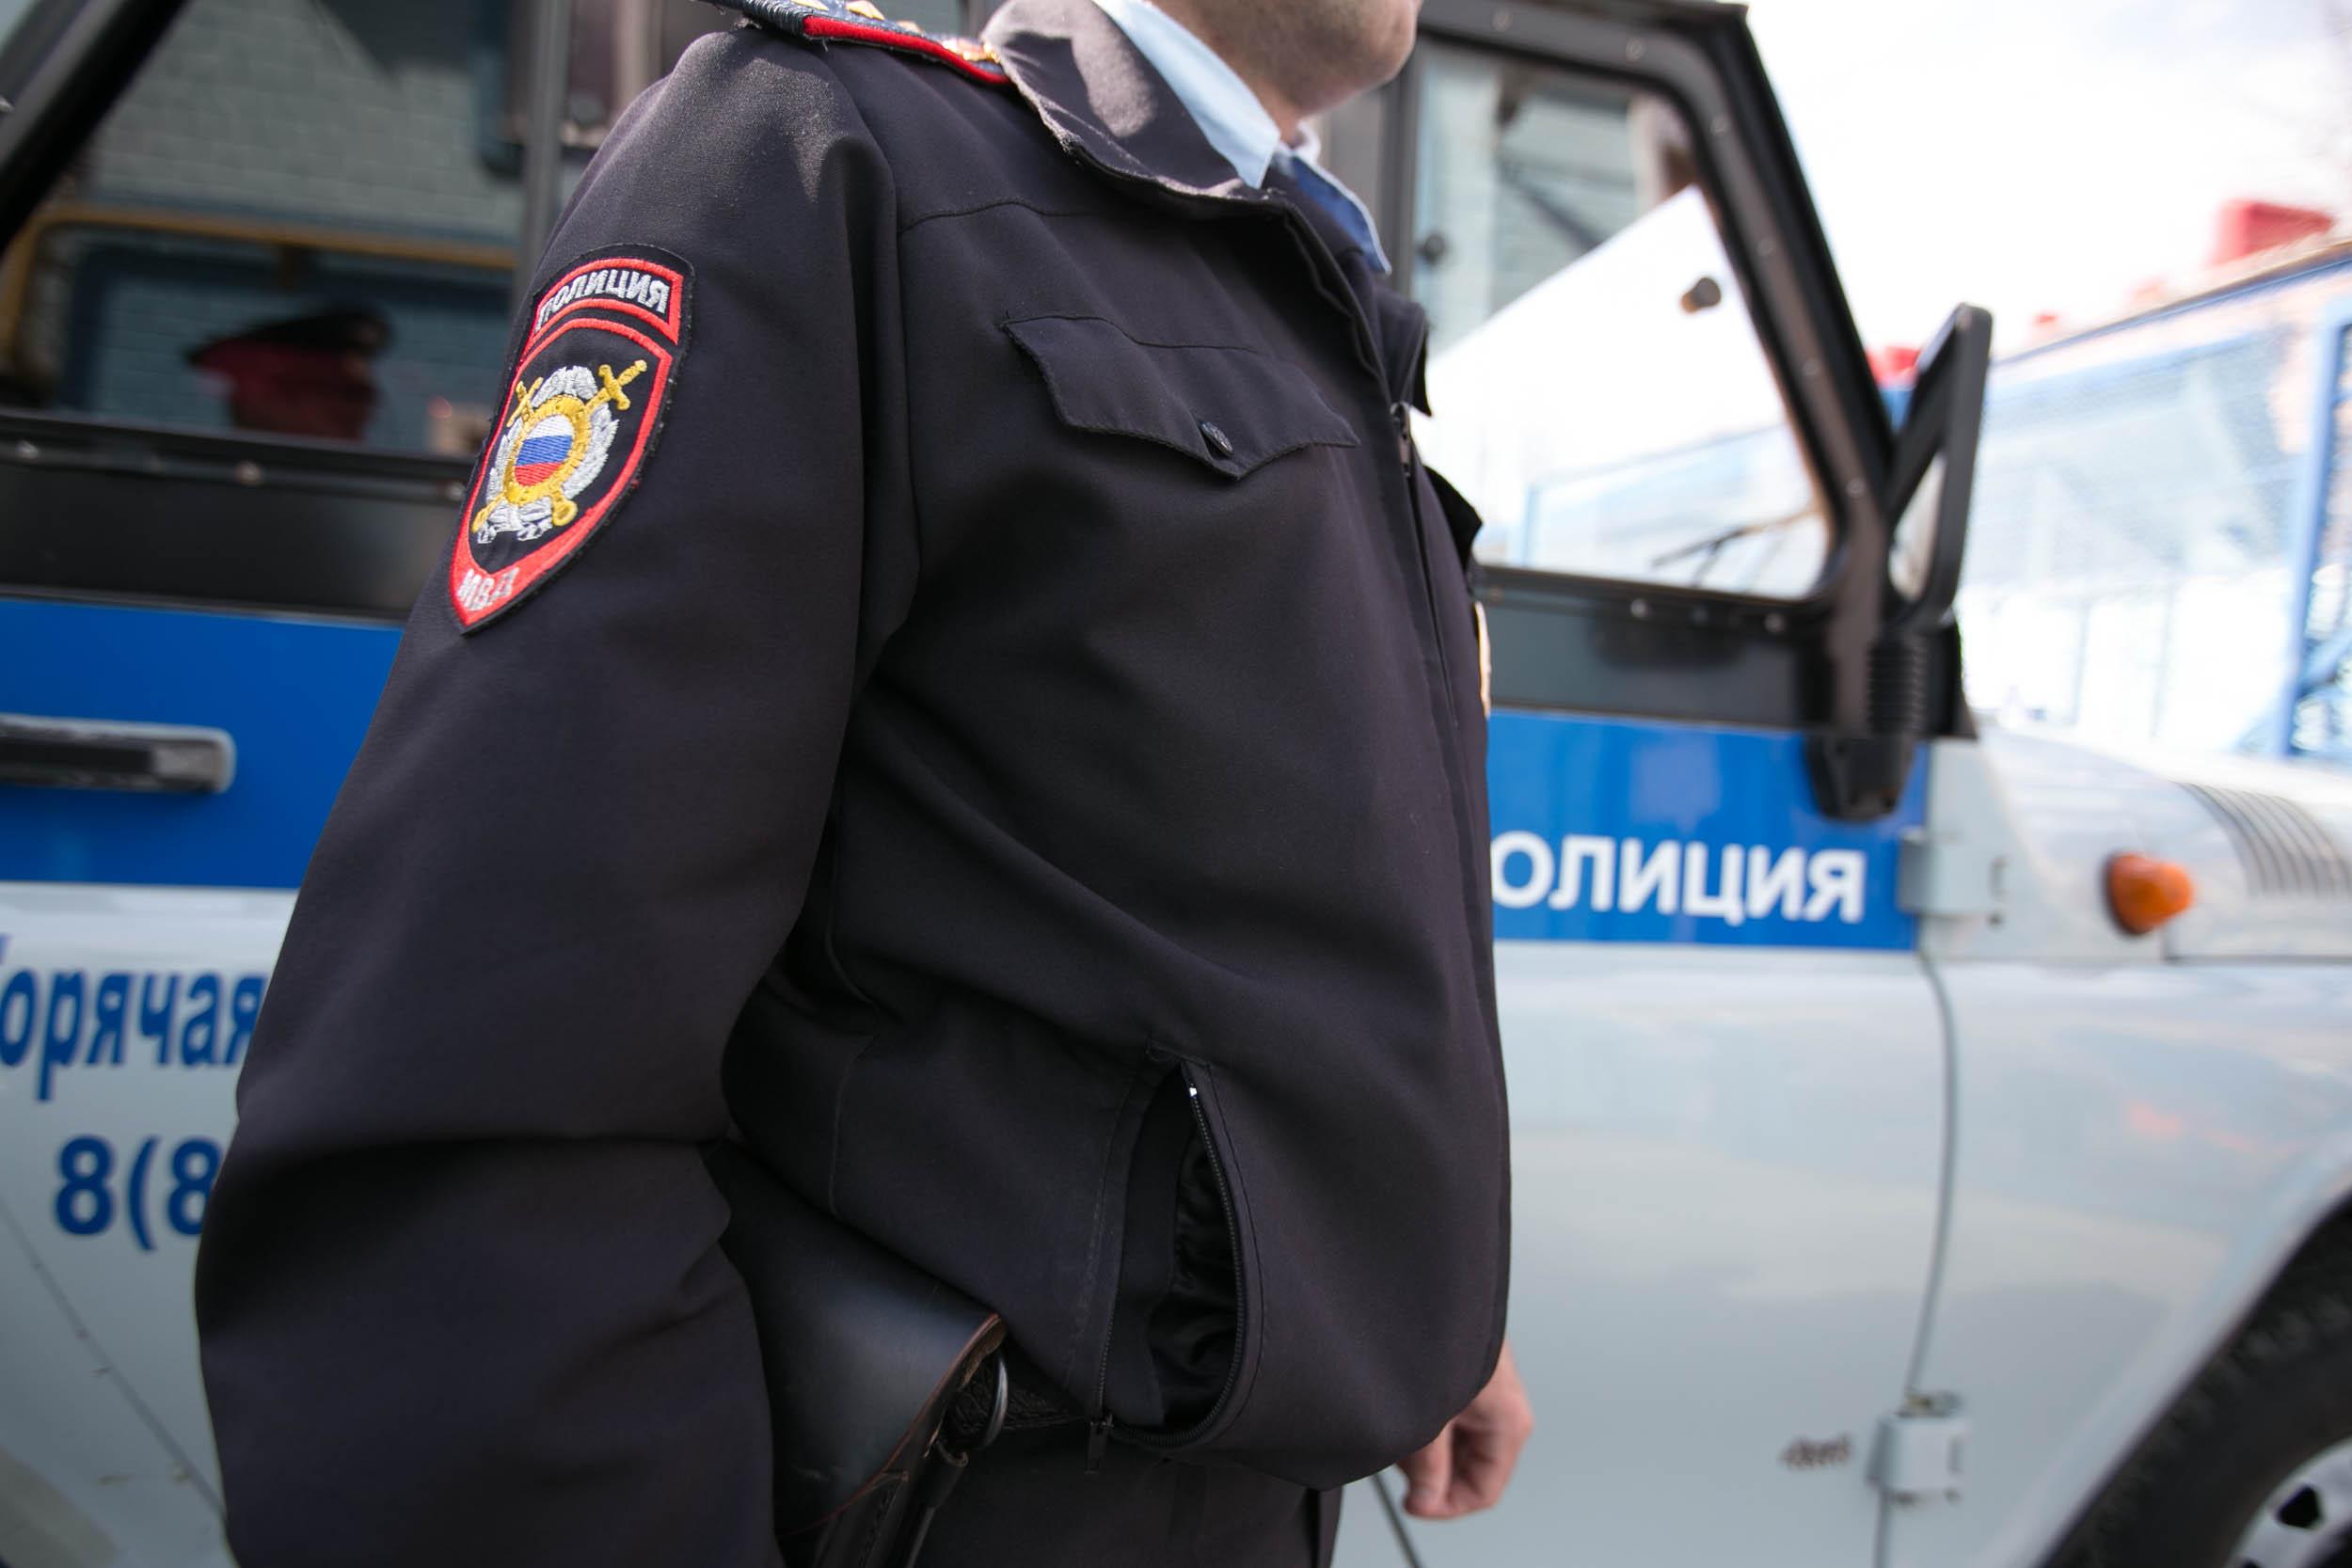 СМИ: Сыновья главы Чувашии М. Игнатьева и сенатора В. Николаева подрались со школьниками